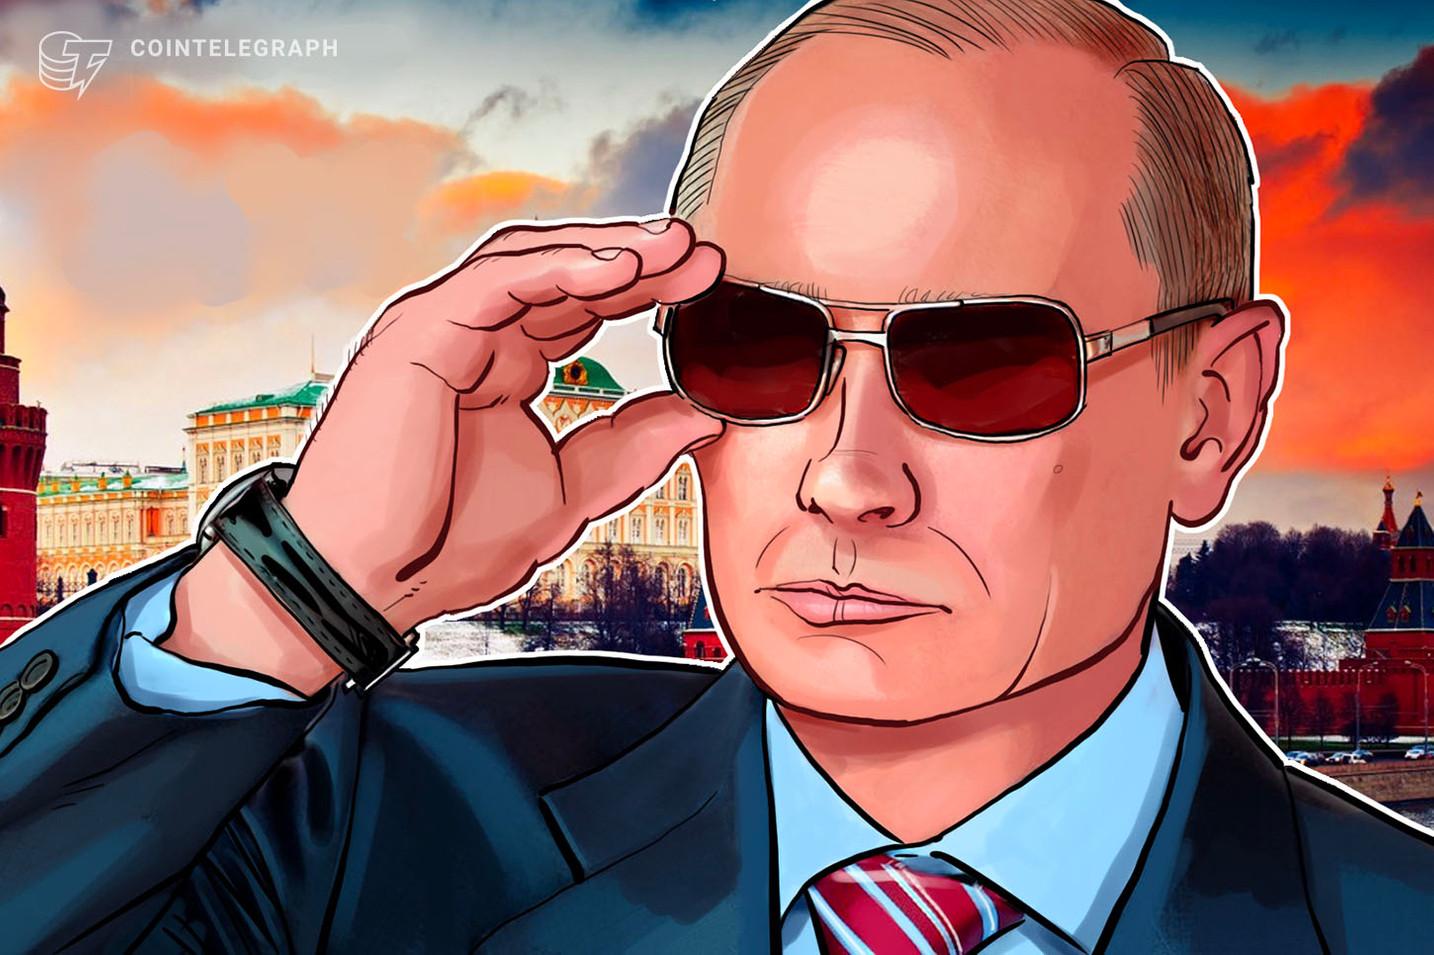 Rusya Merkez Bankası'ndan Ulusal Kripto Paraya Veto